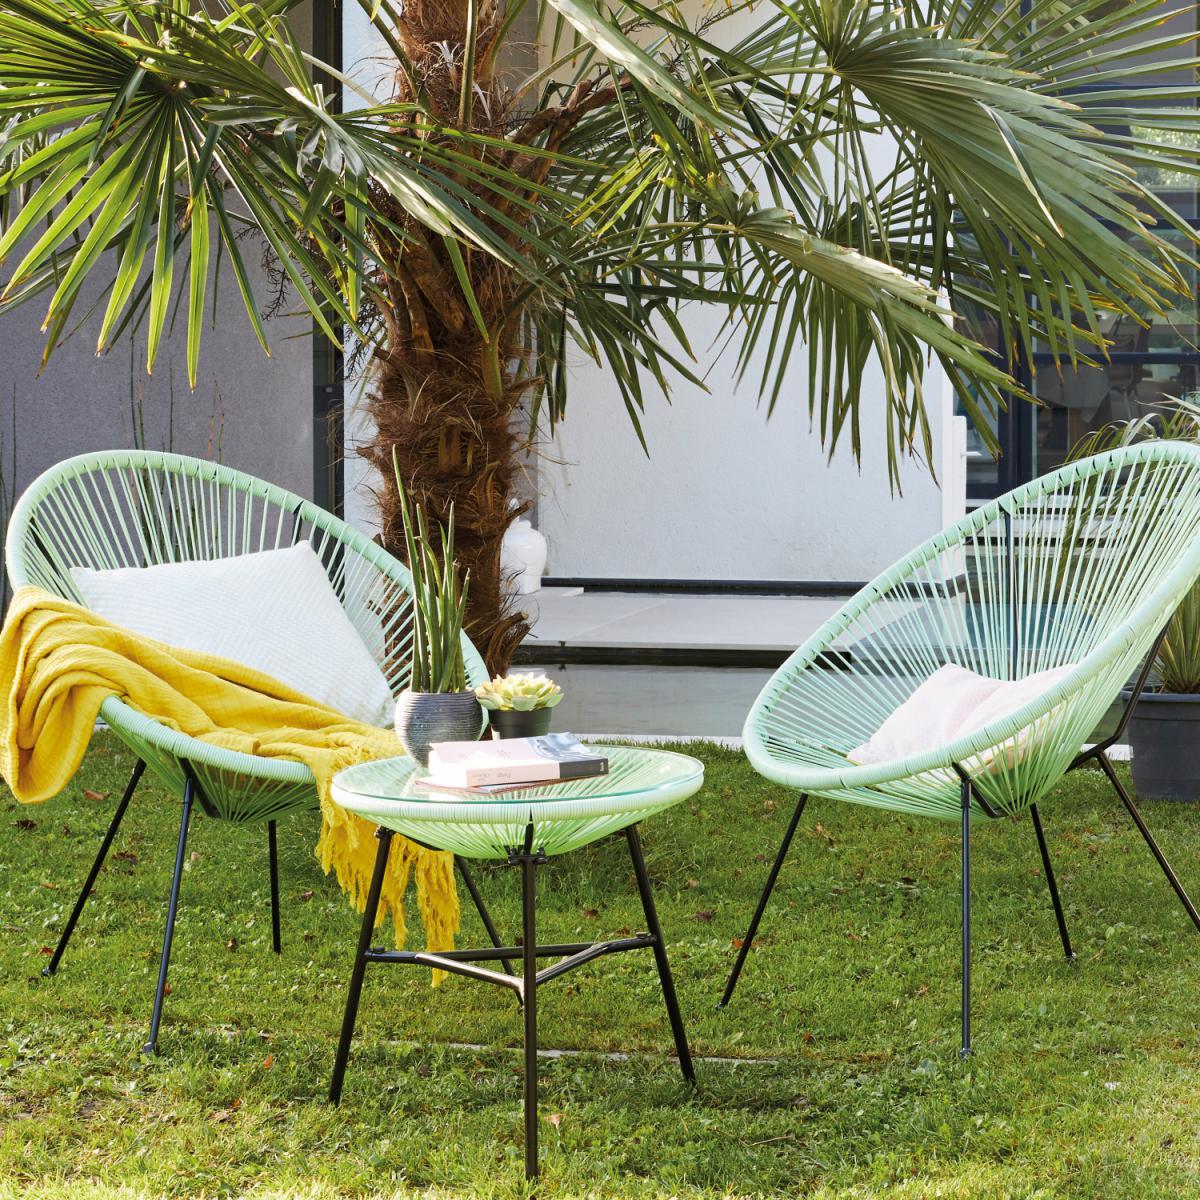 Alice'S Garden Lot de 2 fauteuils ACAPULCO forme d'oeuf avec table d'appoint - Vert d'eau - Fauteuils design rétro